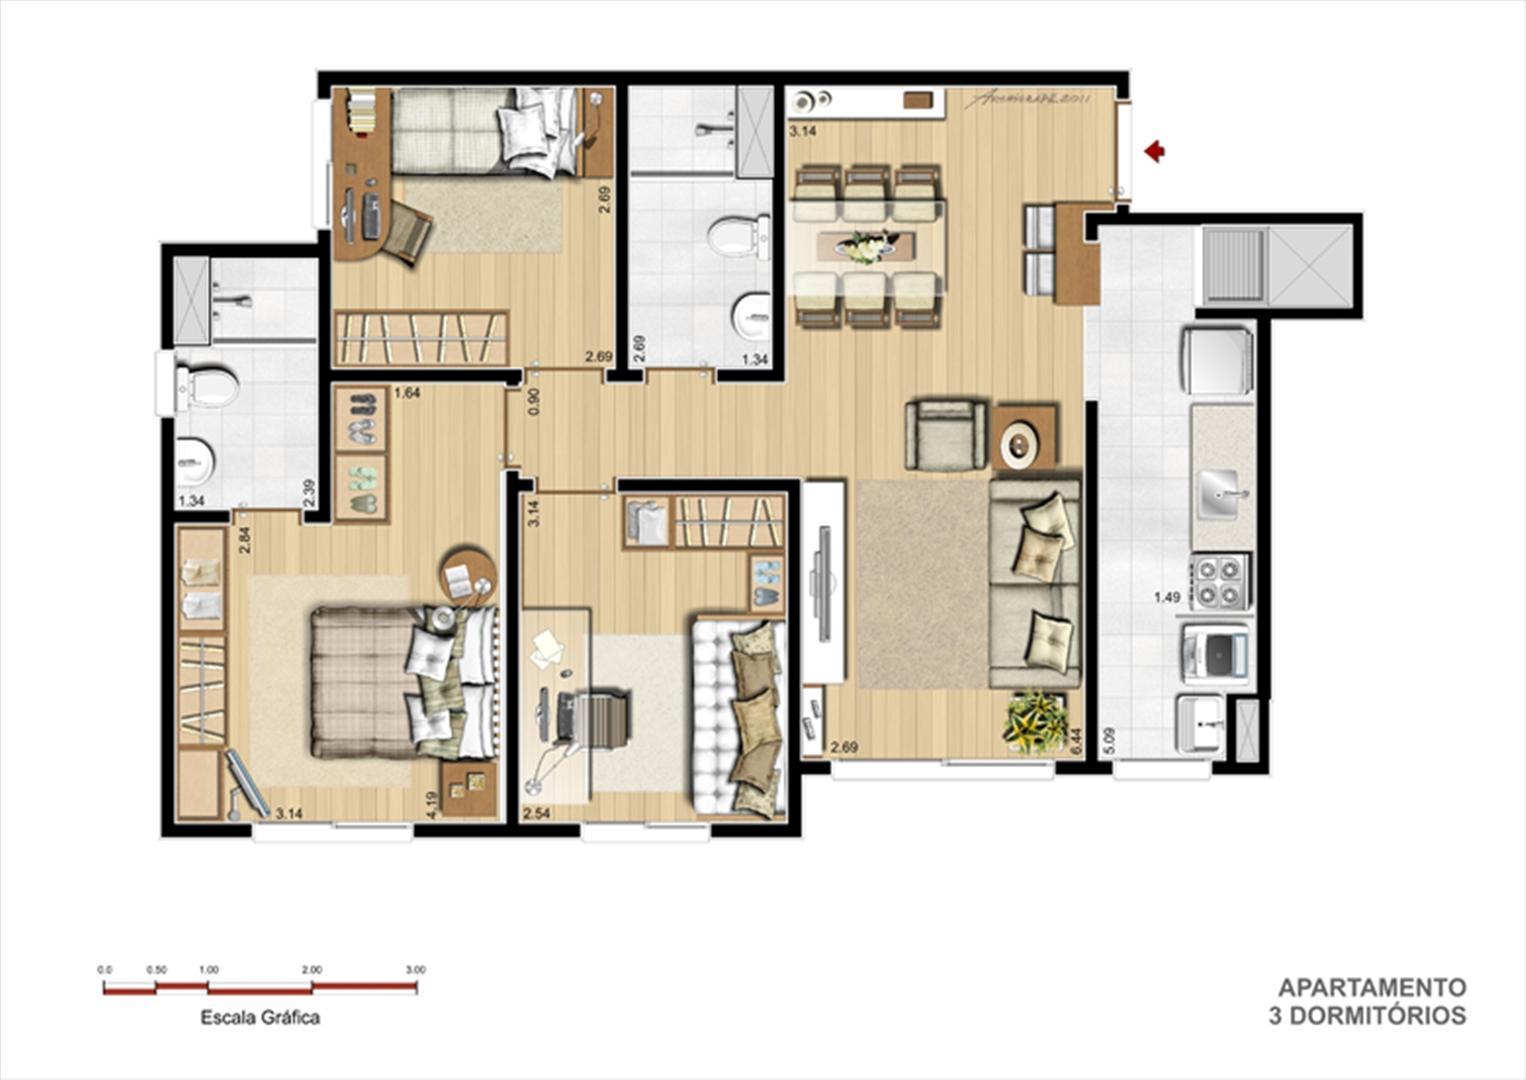 Planta Apto. 3 Dorm. com suíte 71 m² | Grand Square Zona Norte – Apartamento no  Sarandí - Porto Alegre - Rio Grande do Sul